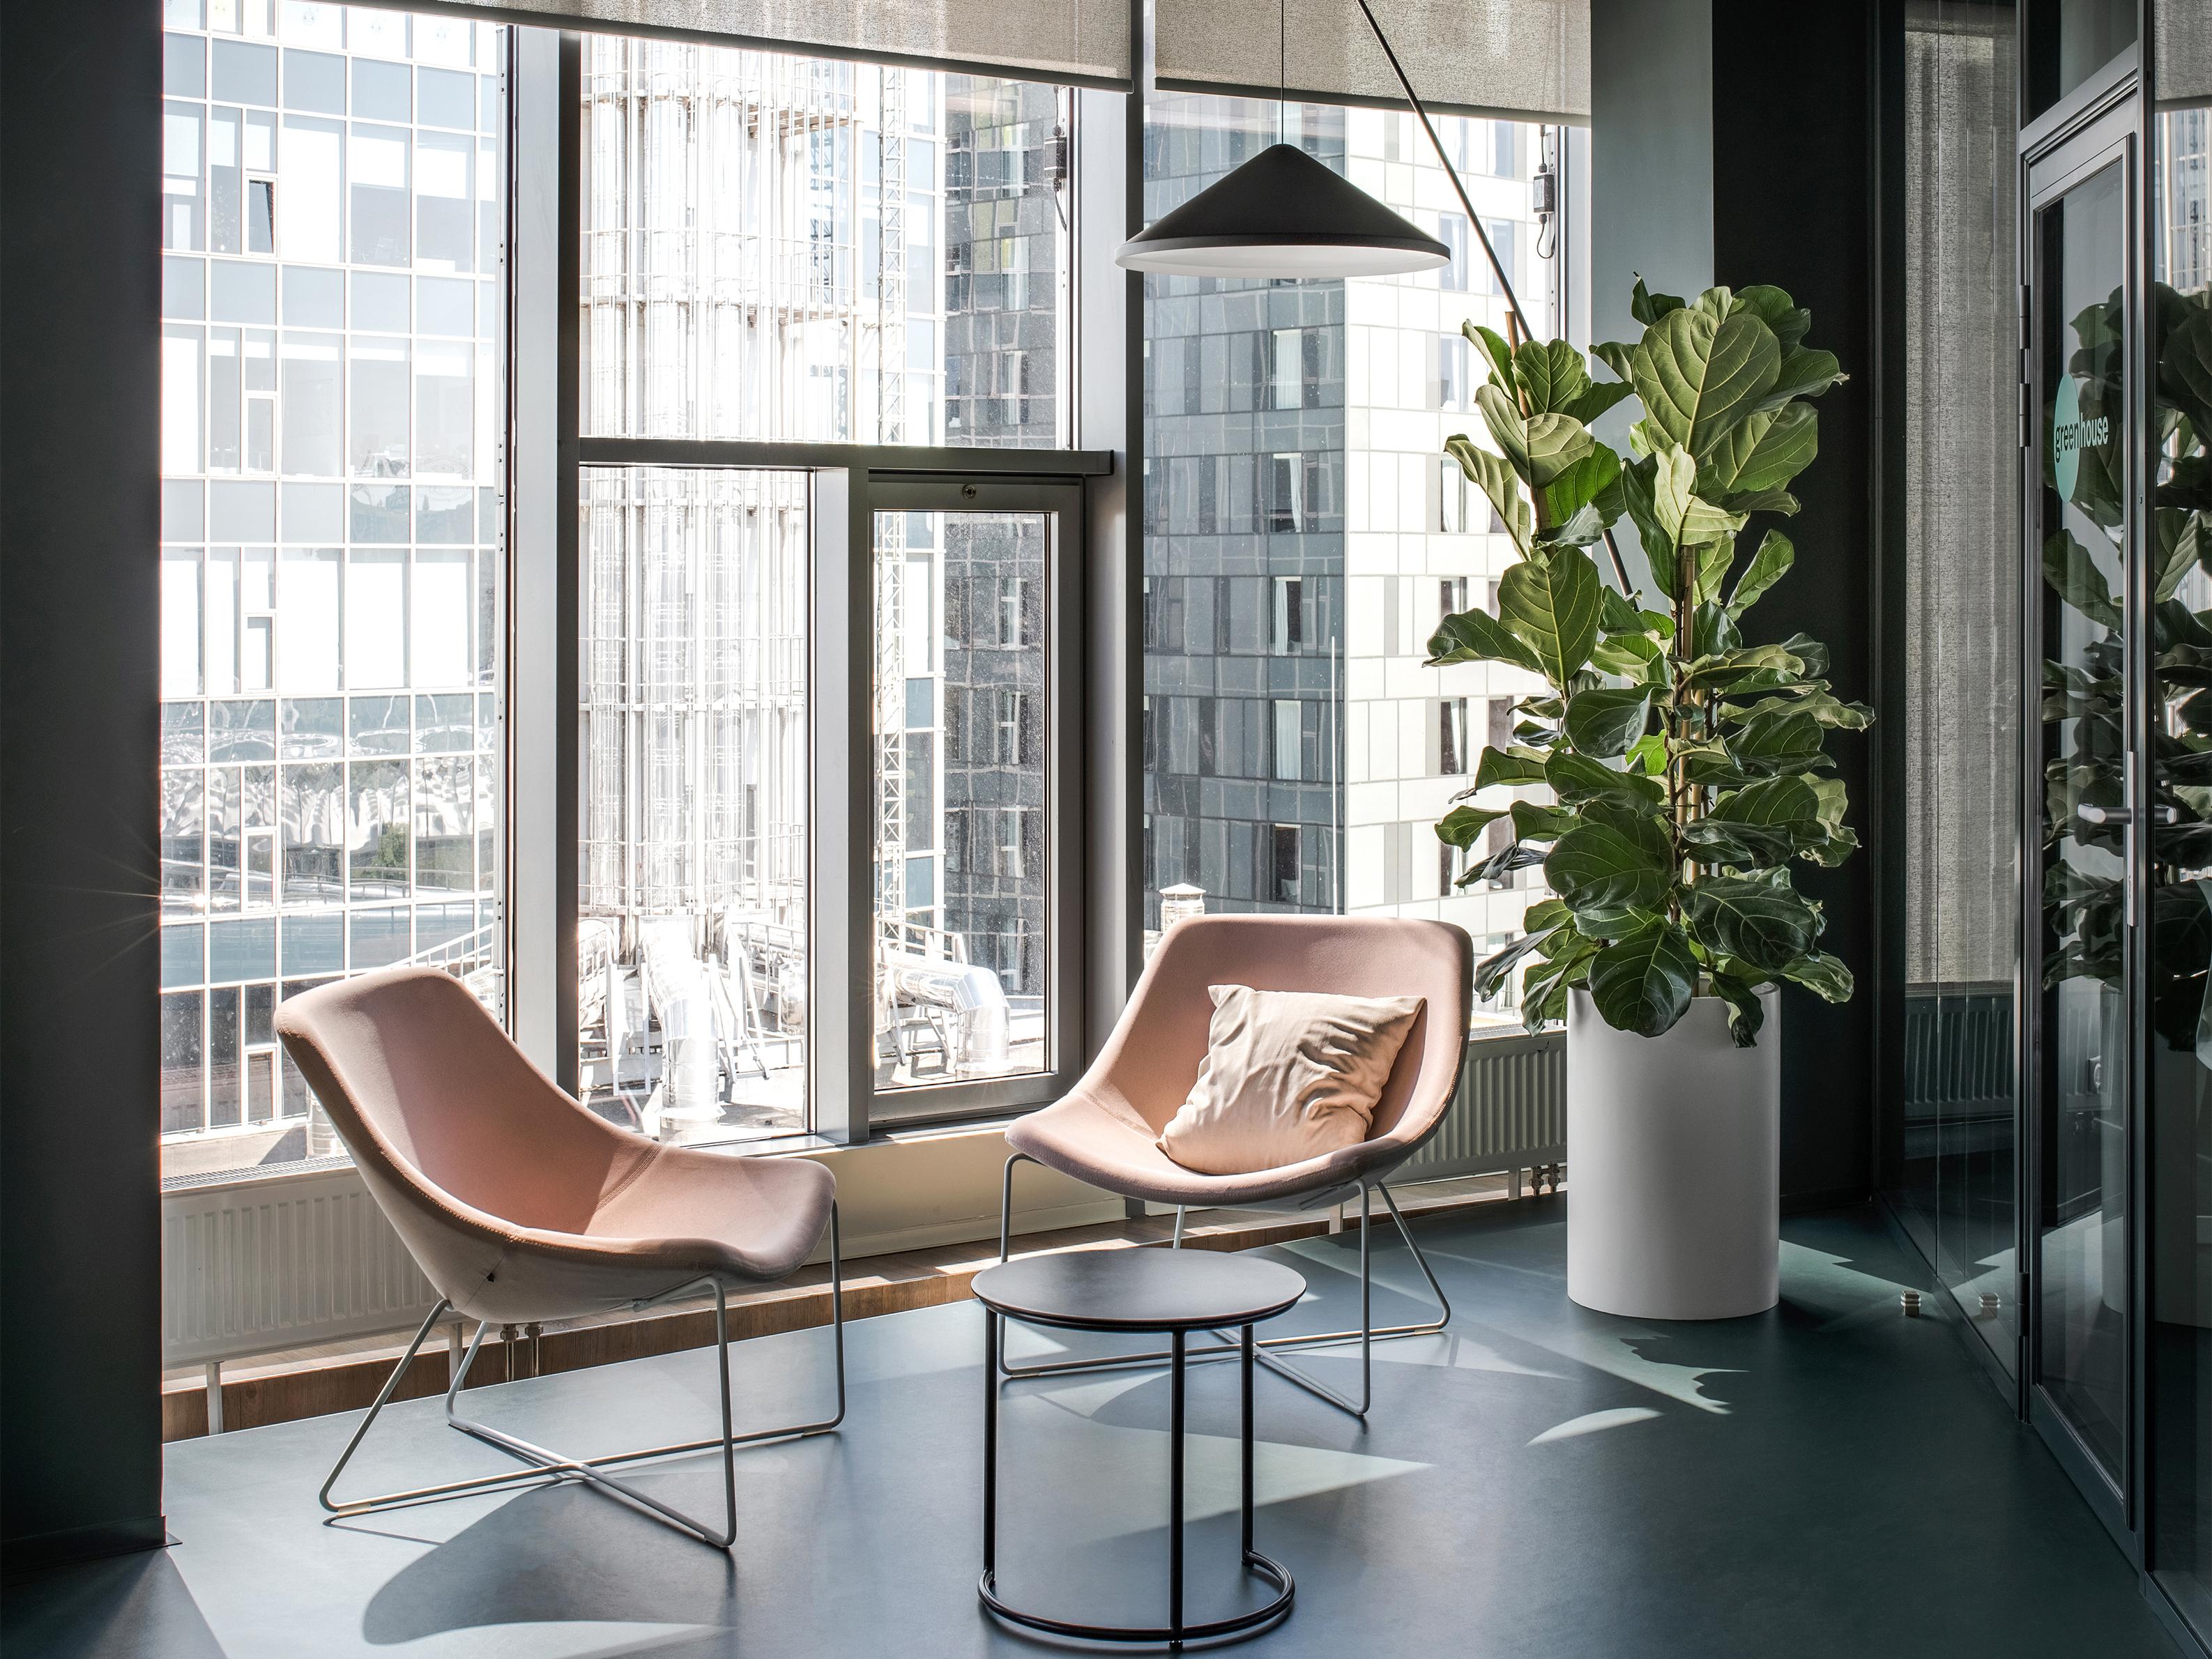 Wykorzystanie ekologicznych materiałów i tekstur sprzyja naturalnej i pozytywnej przestrzeni.